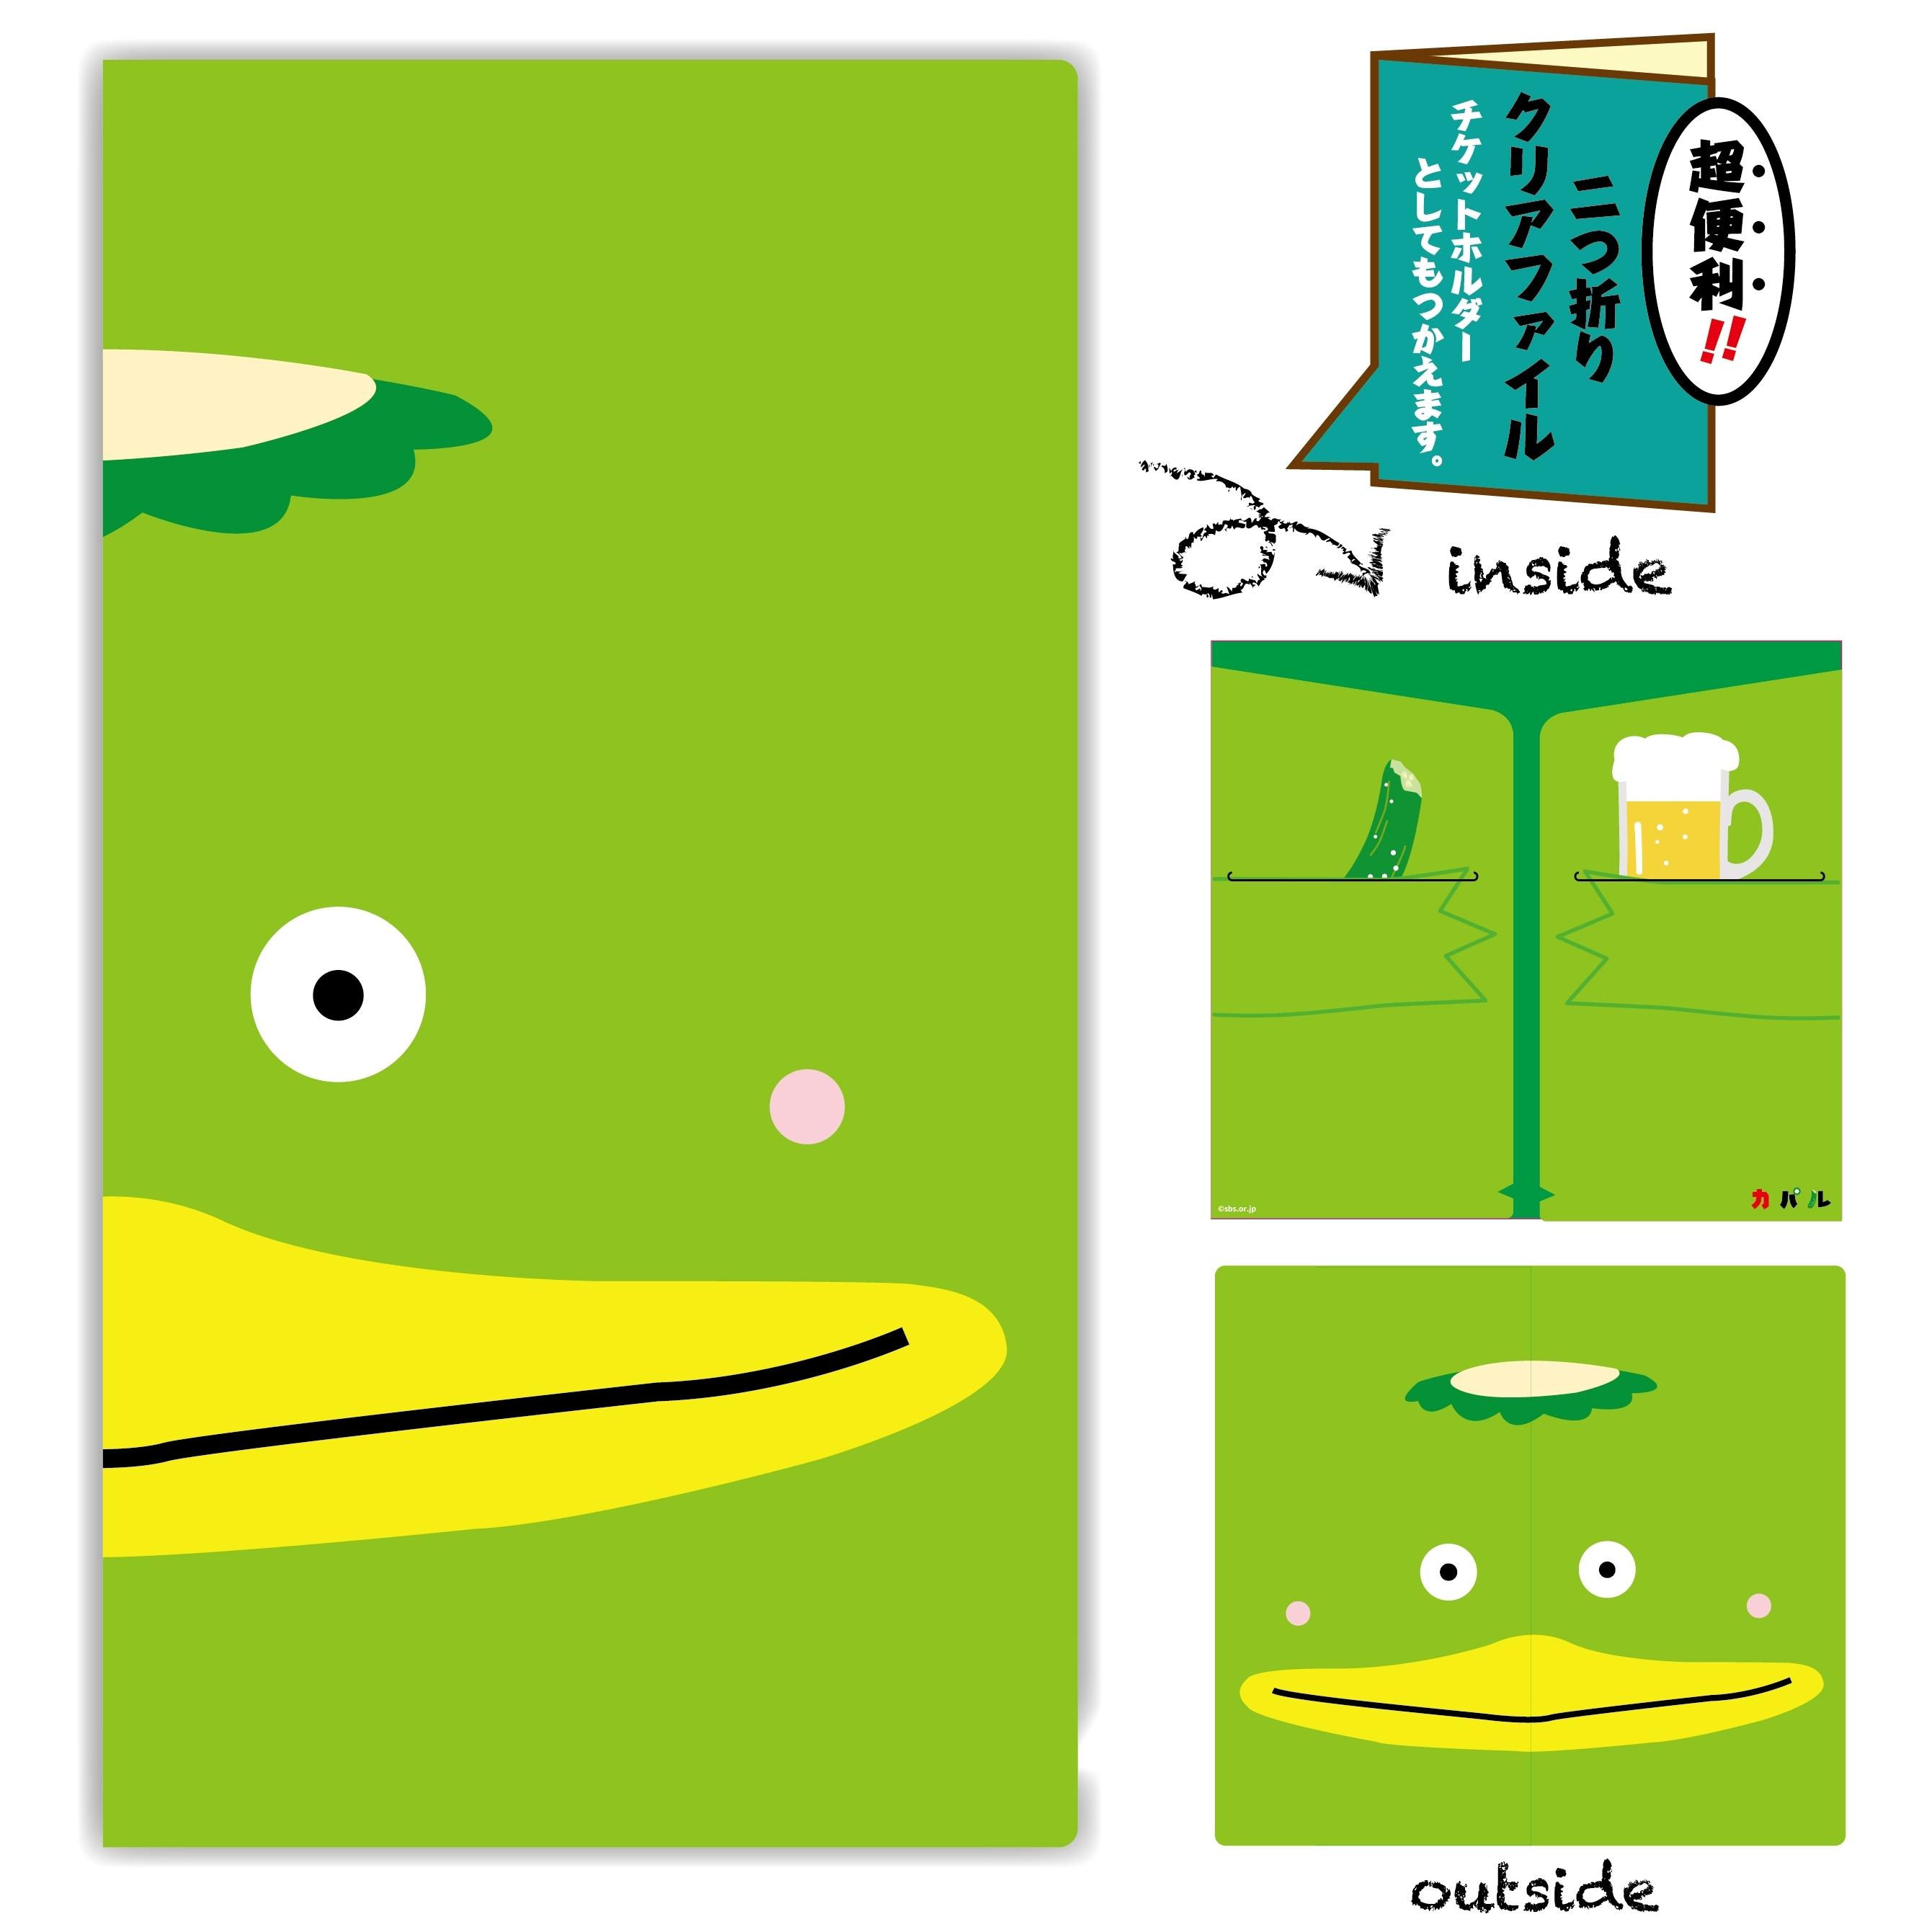 【ご当地キャラグッズ】二つ折りクリアファイル カパル